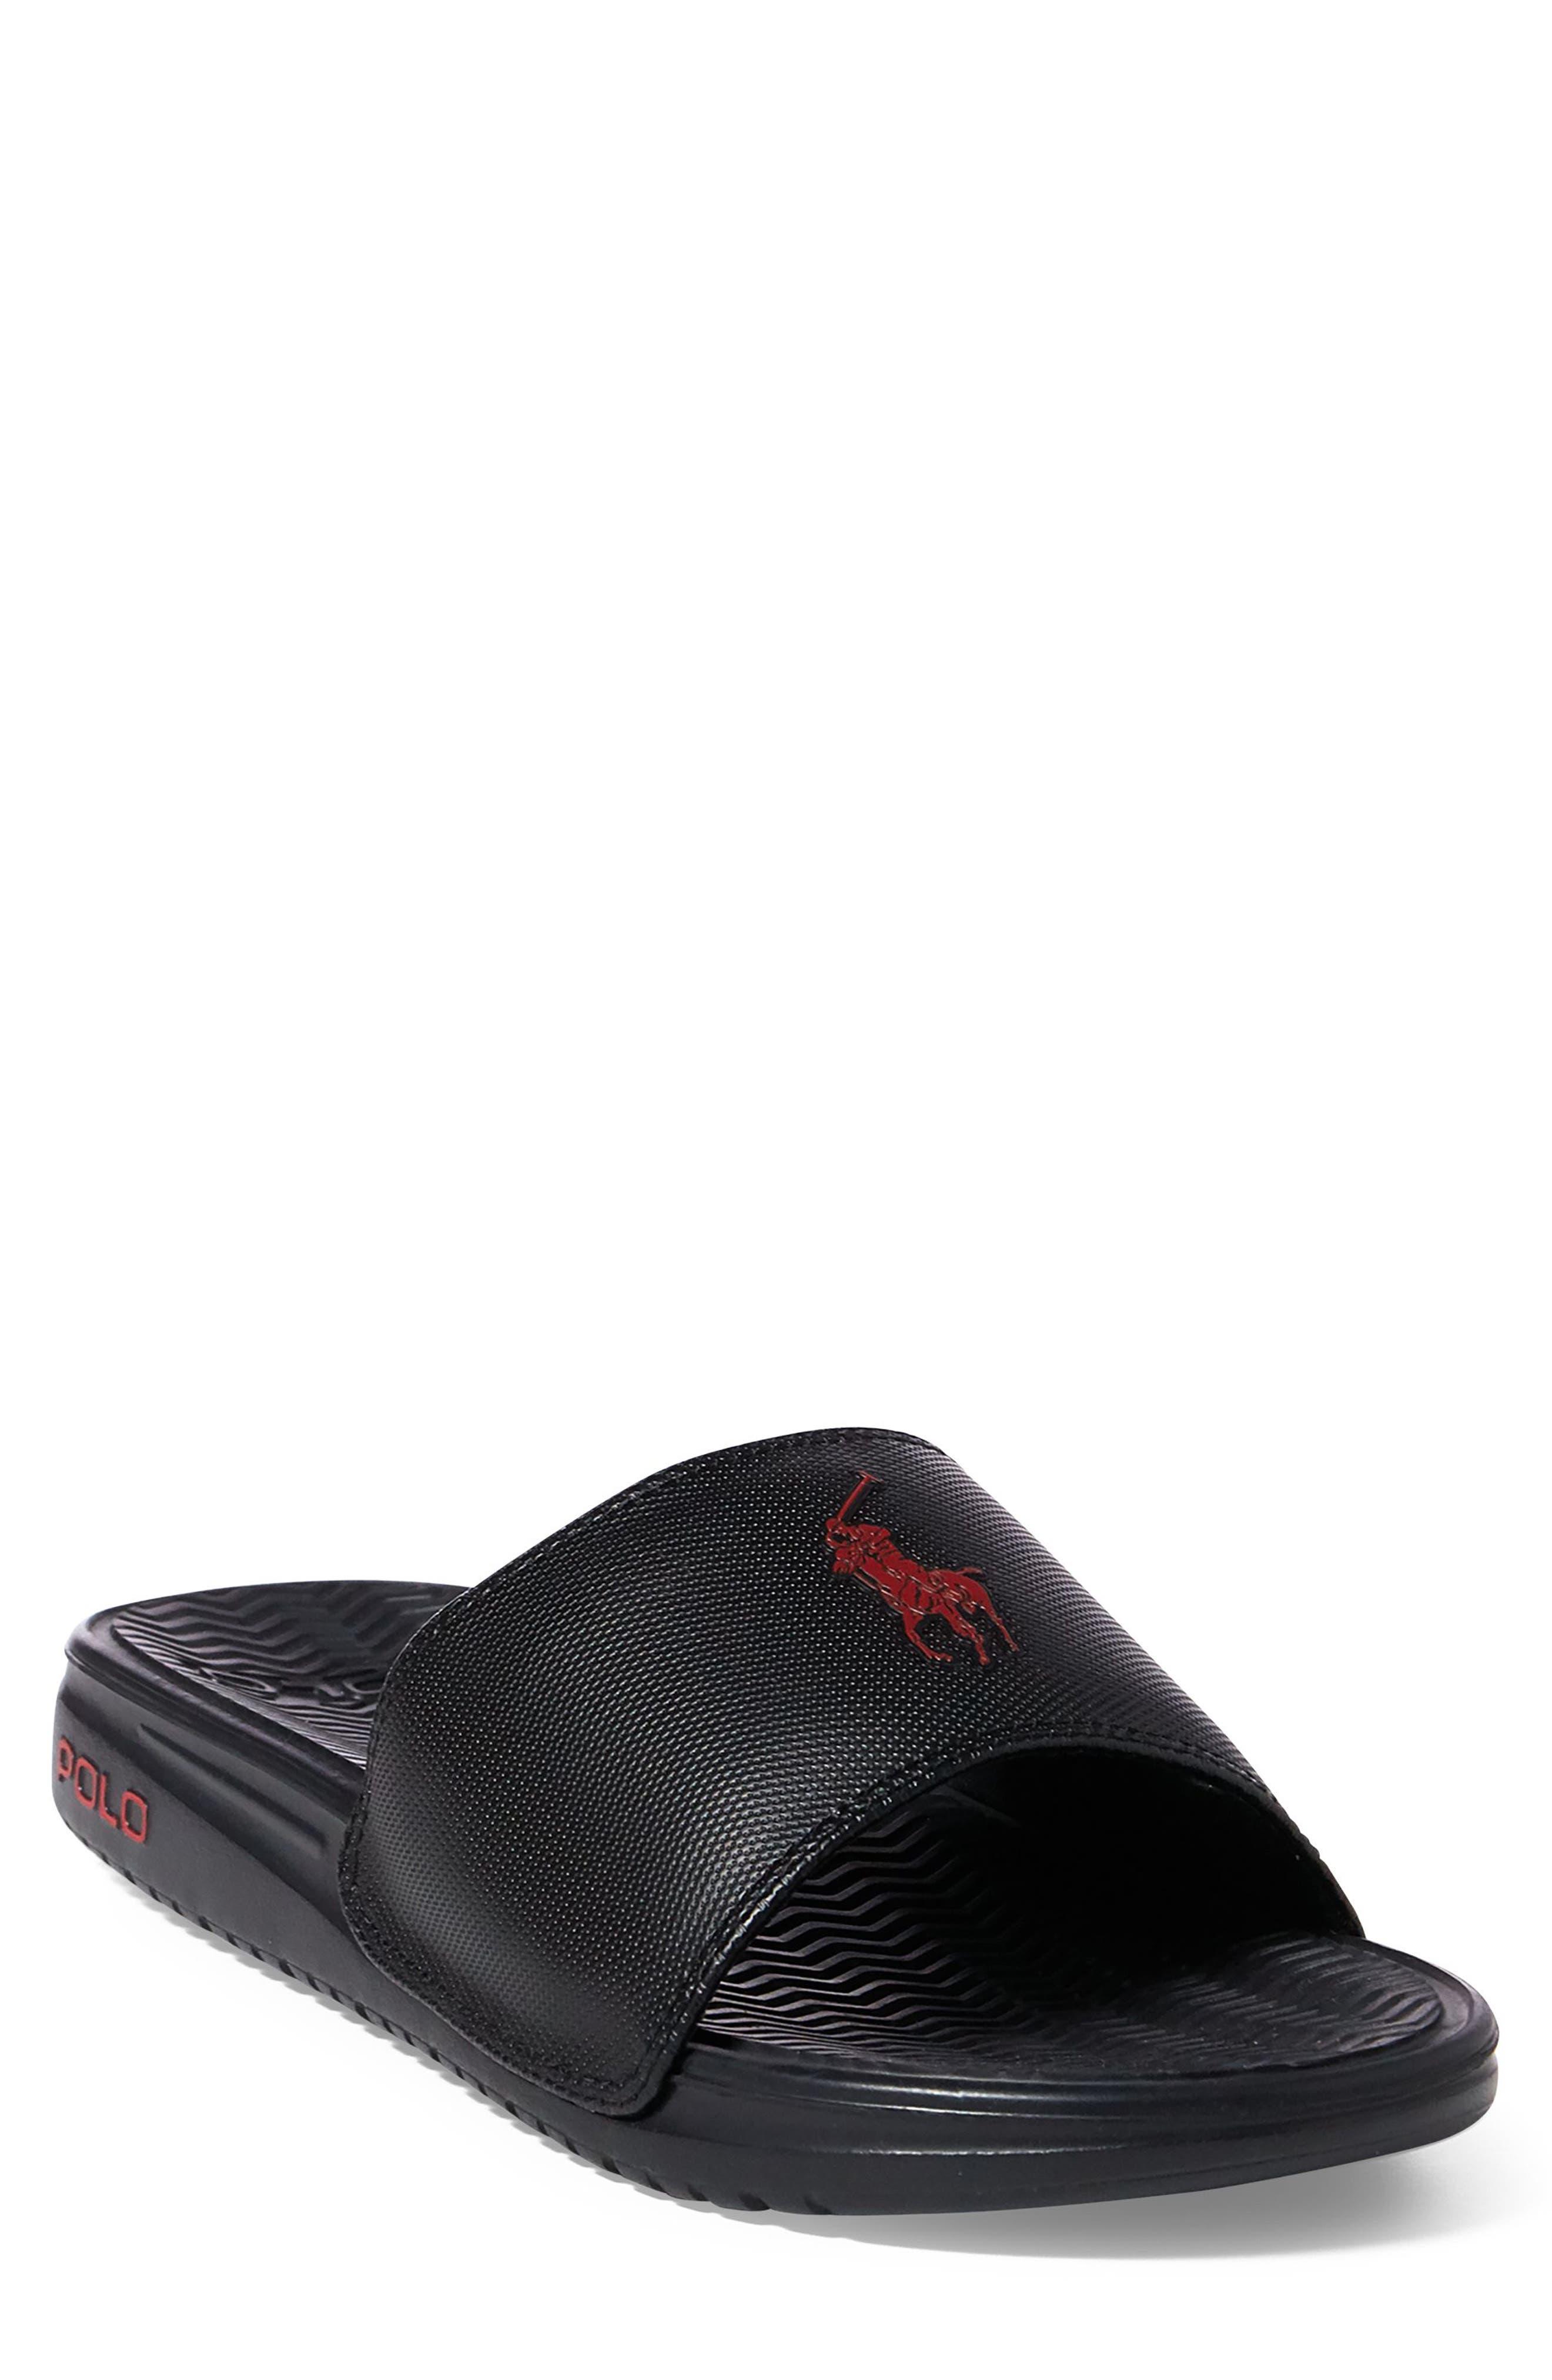 Men's Ralph Flip Polo SandalsSlidesamp; FlopsNordstrom Lauren f7b6yvYg